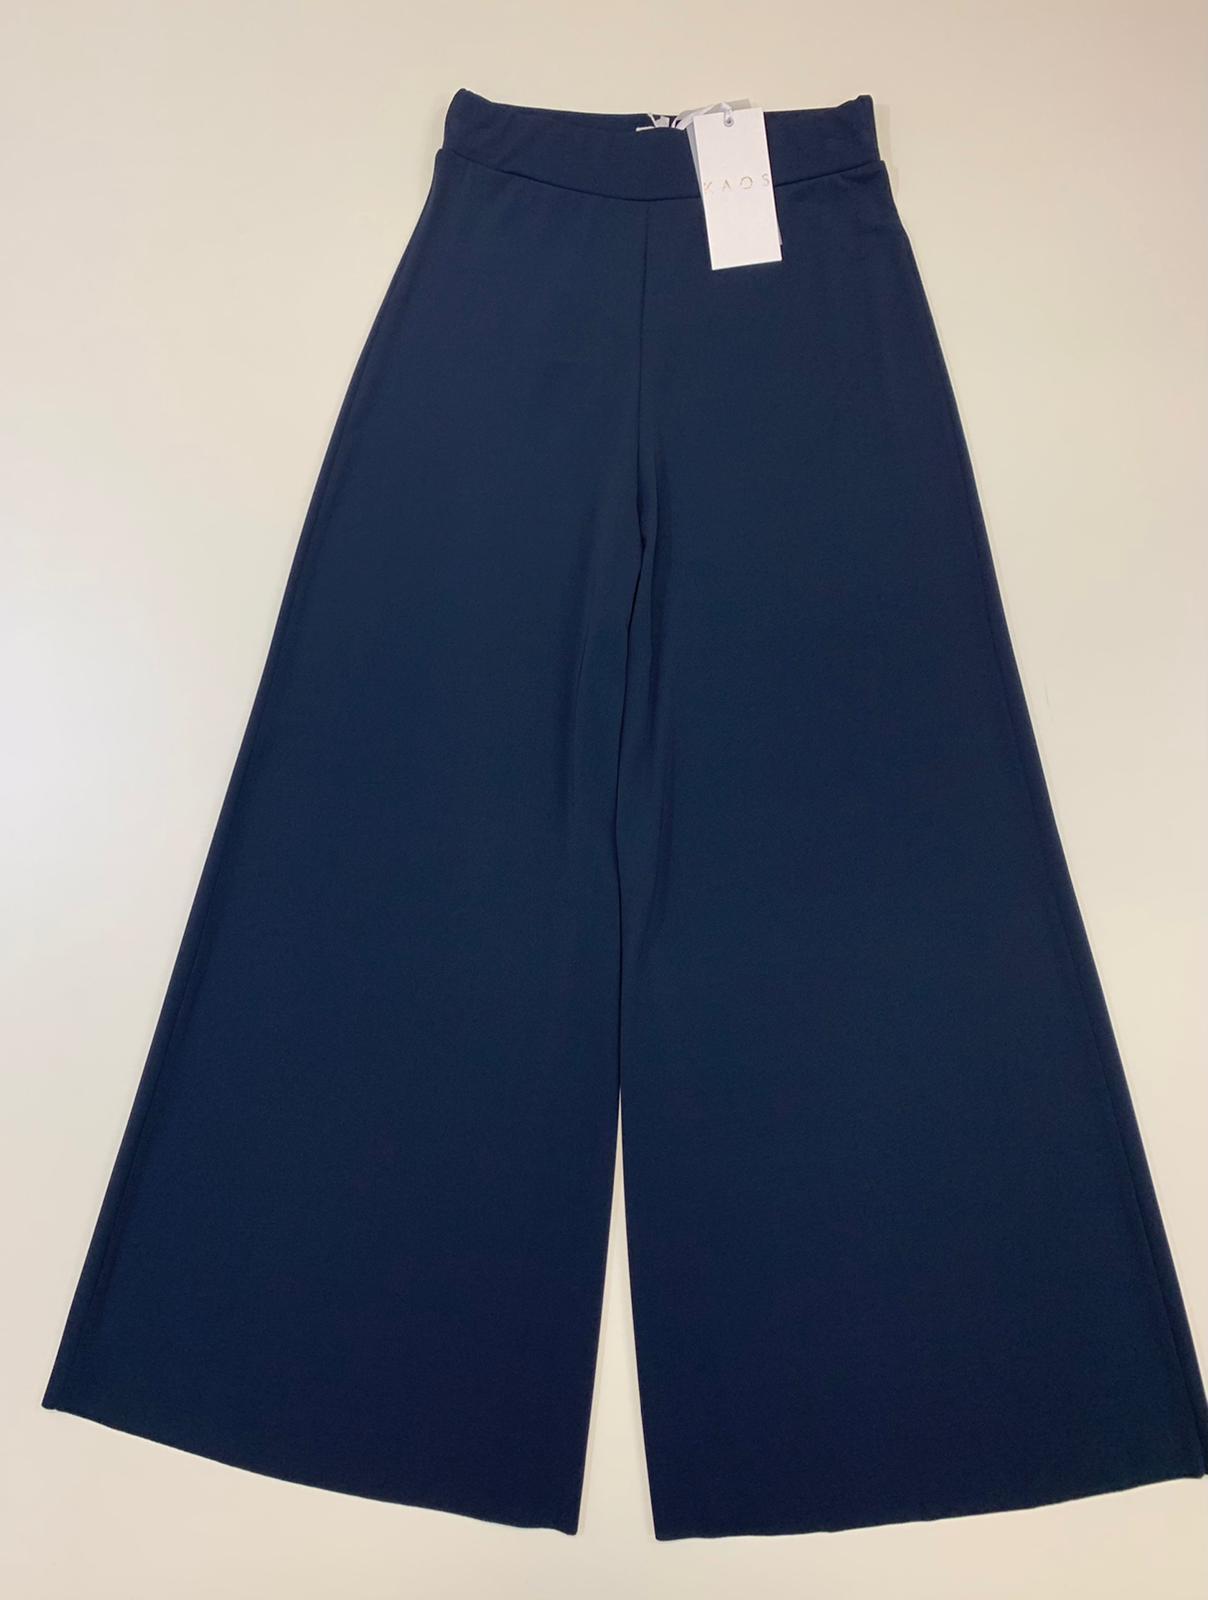 Pantalone Donna Kaos Collection Pantapalazzo Blu